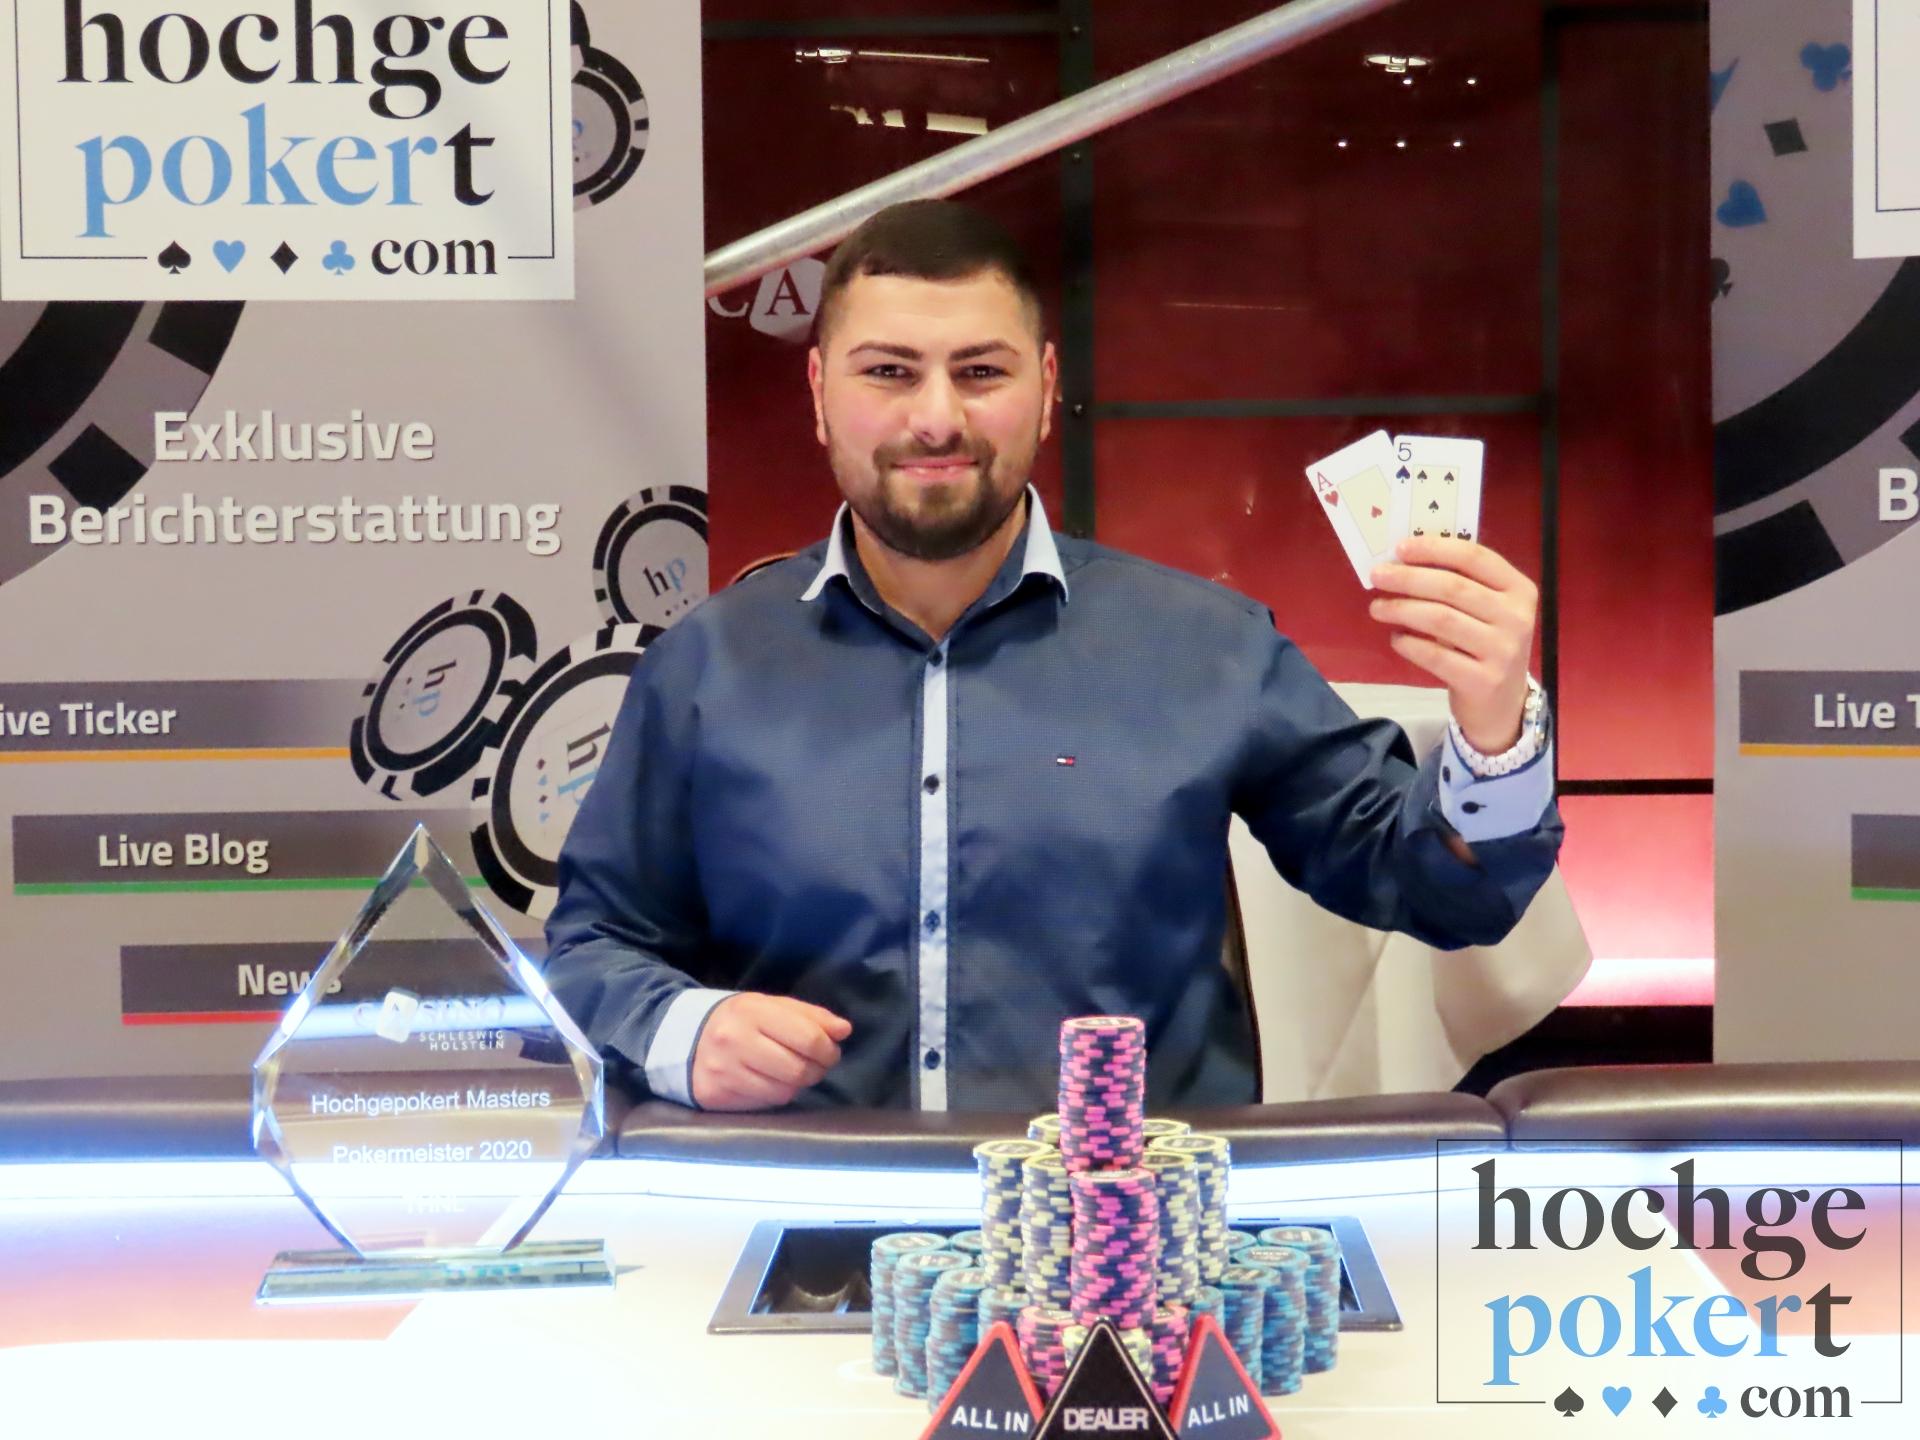 Unibet Plant Neue Poker Software Für 2021 | Hochgepokert